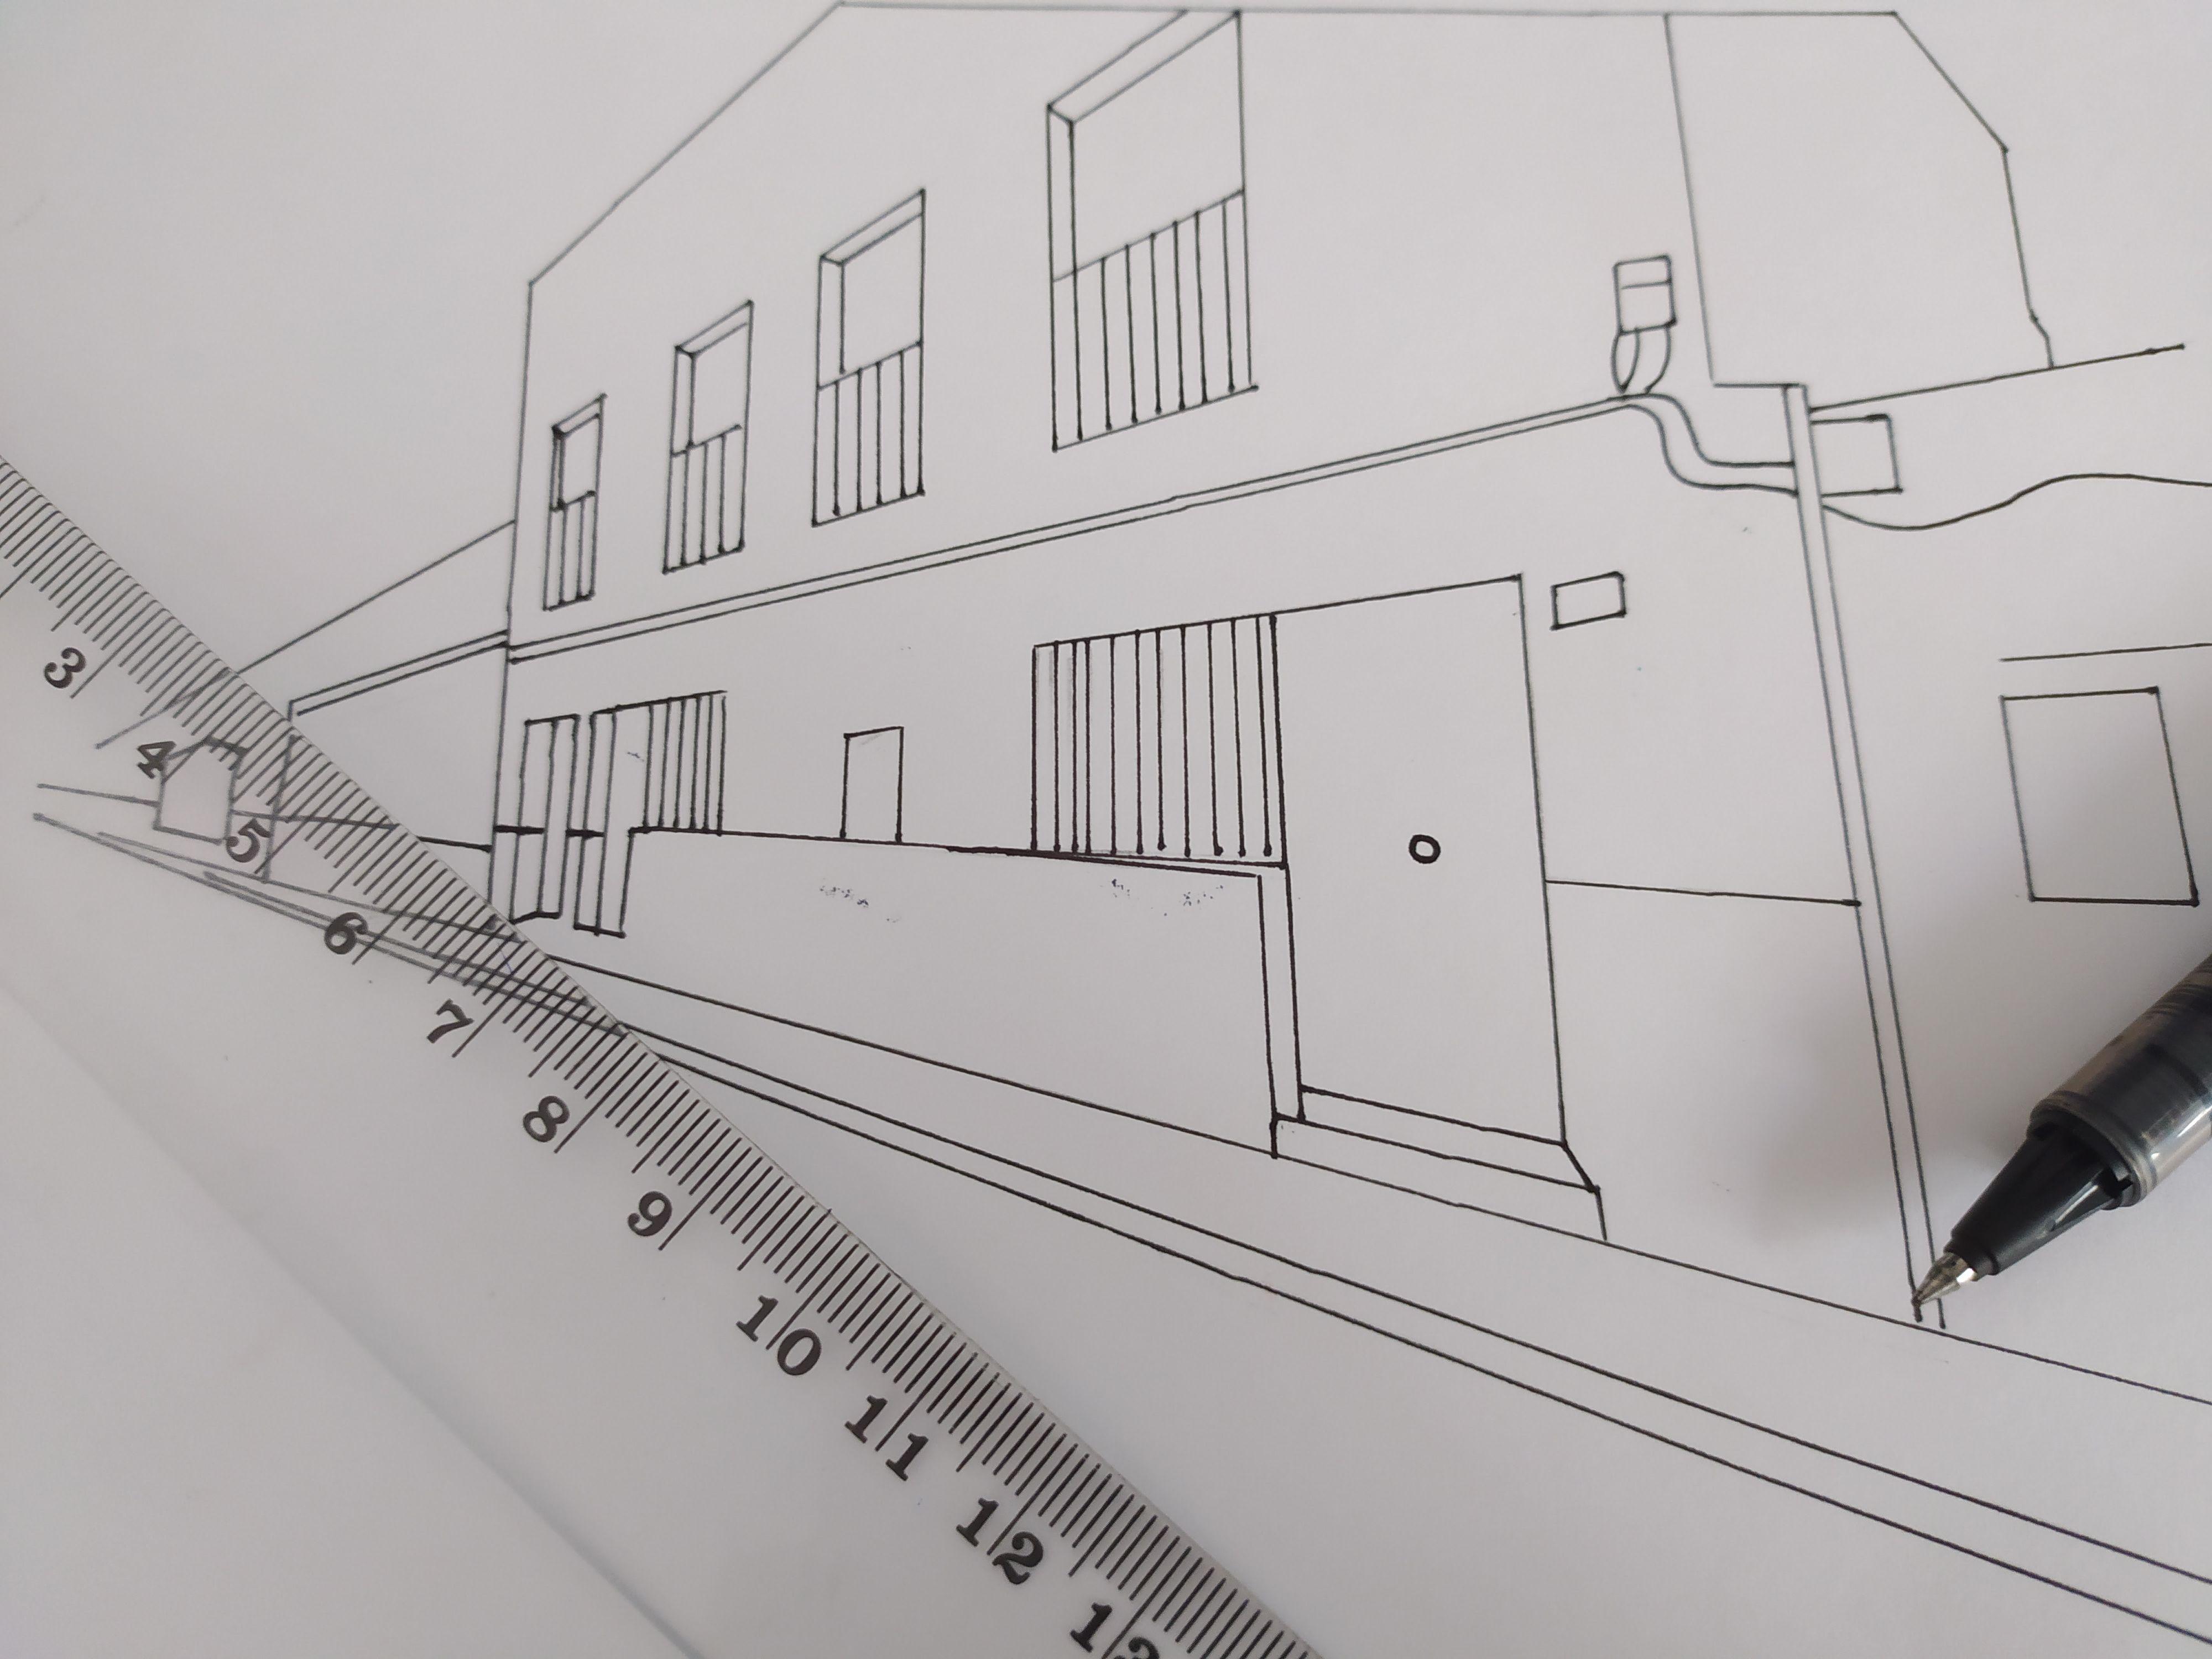 Dibujo En Perspectiva Dibujo Perspectiva Perspectiva Boligrafos